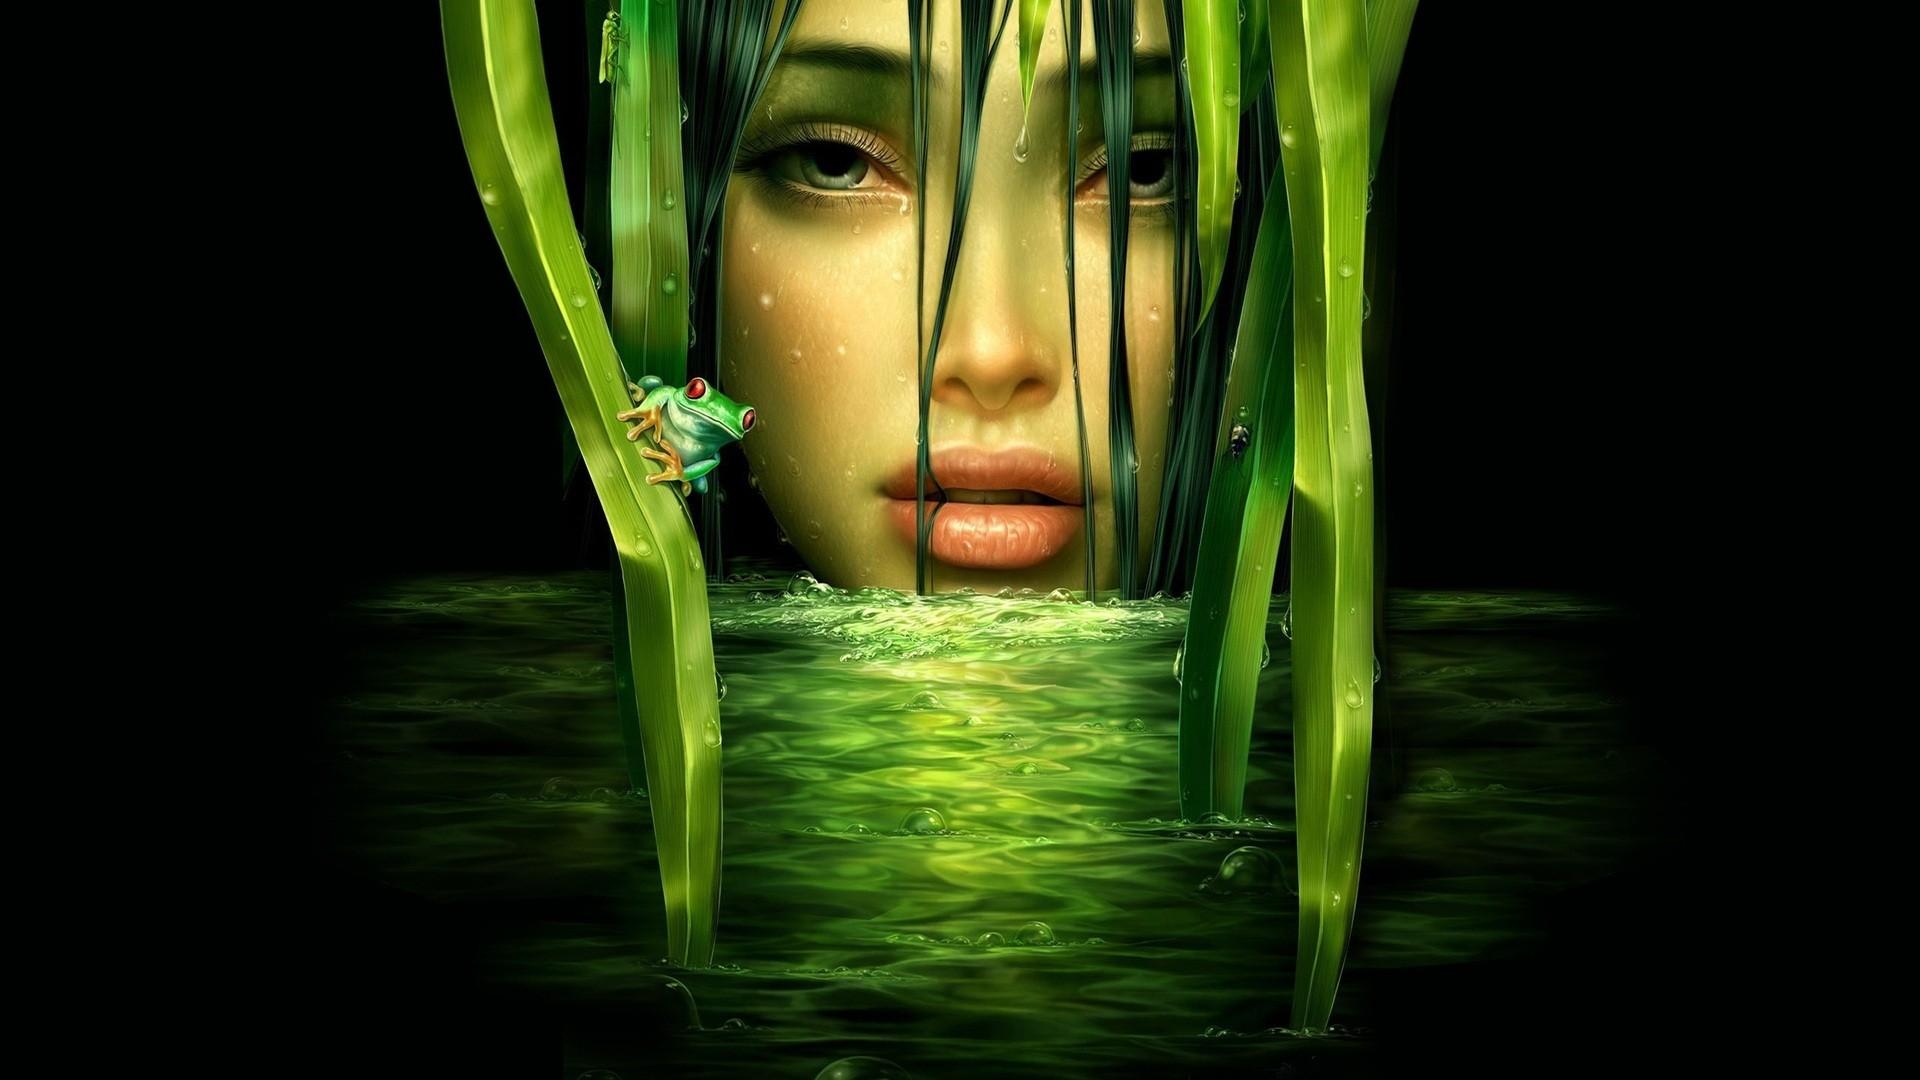 Mujer de verde - 1920x1080